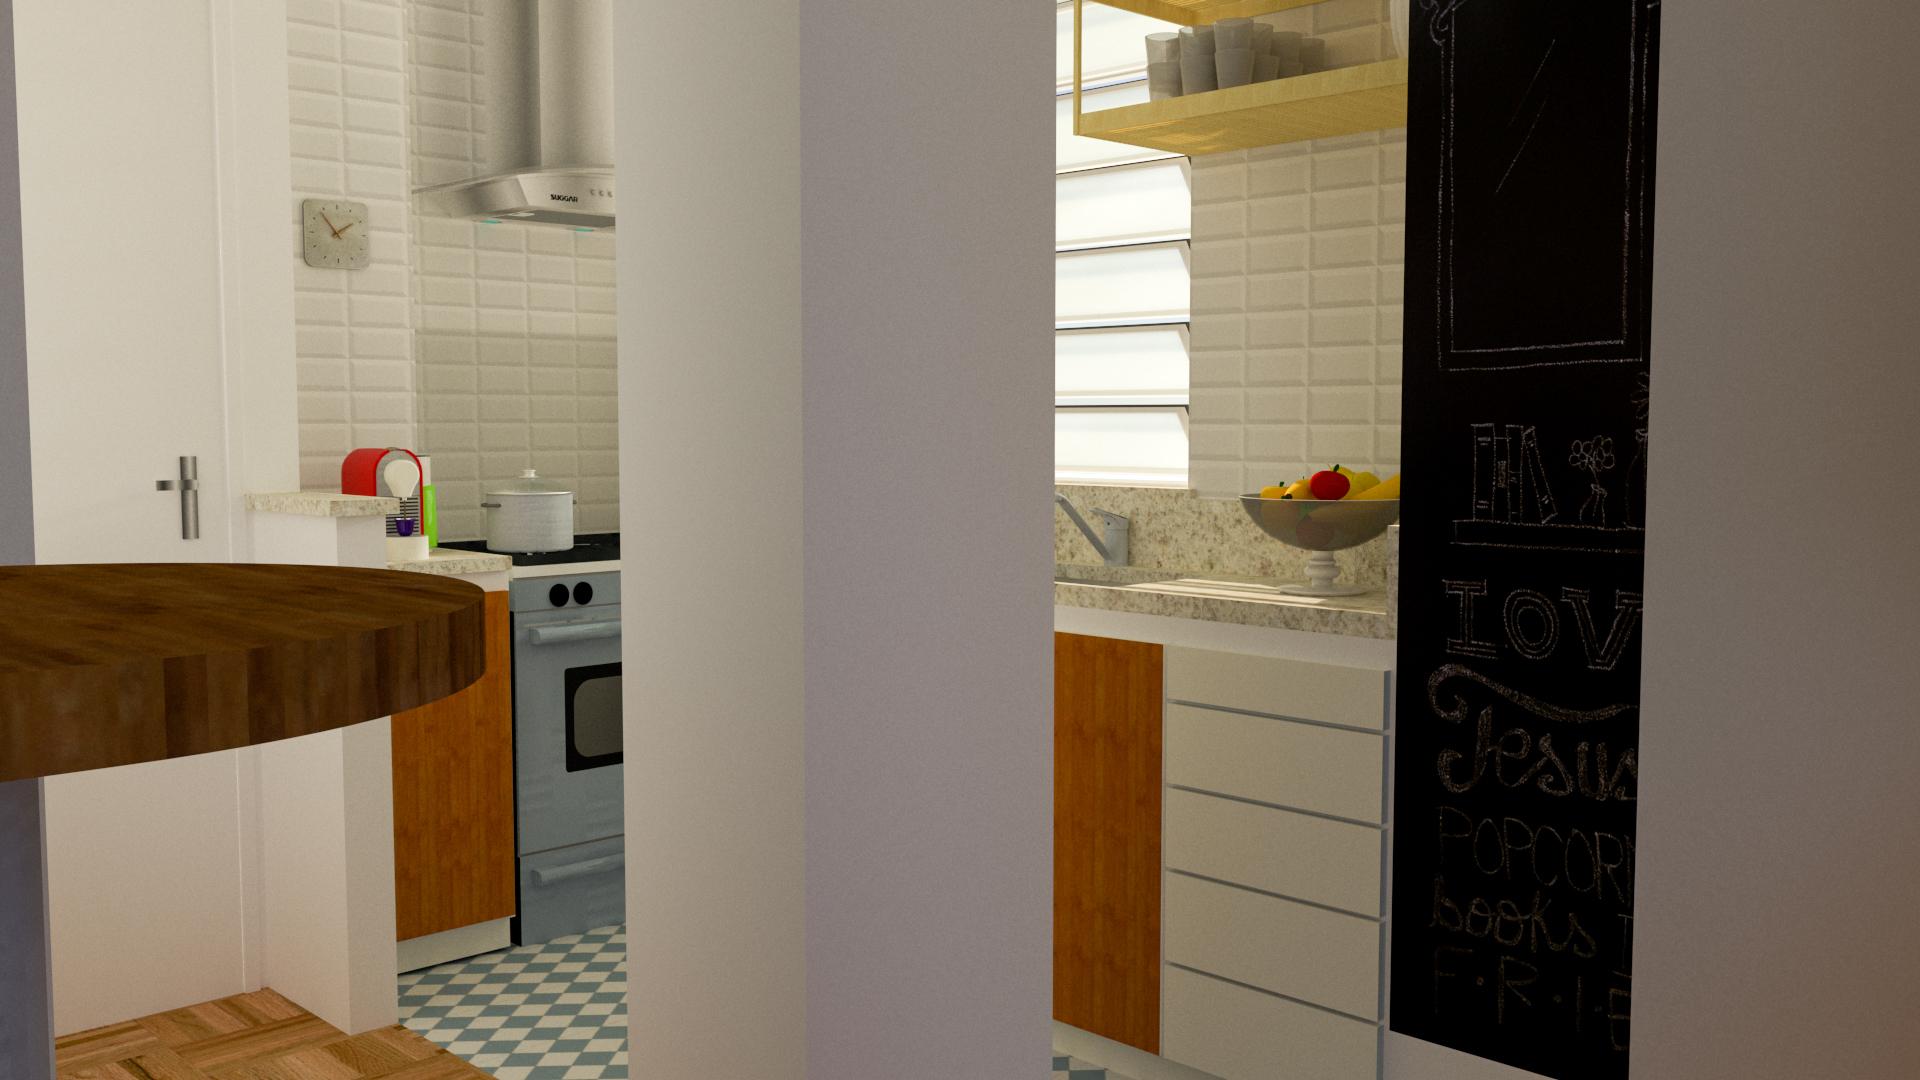 imagem 06 (cozinha)